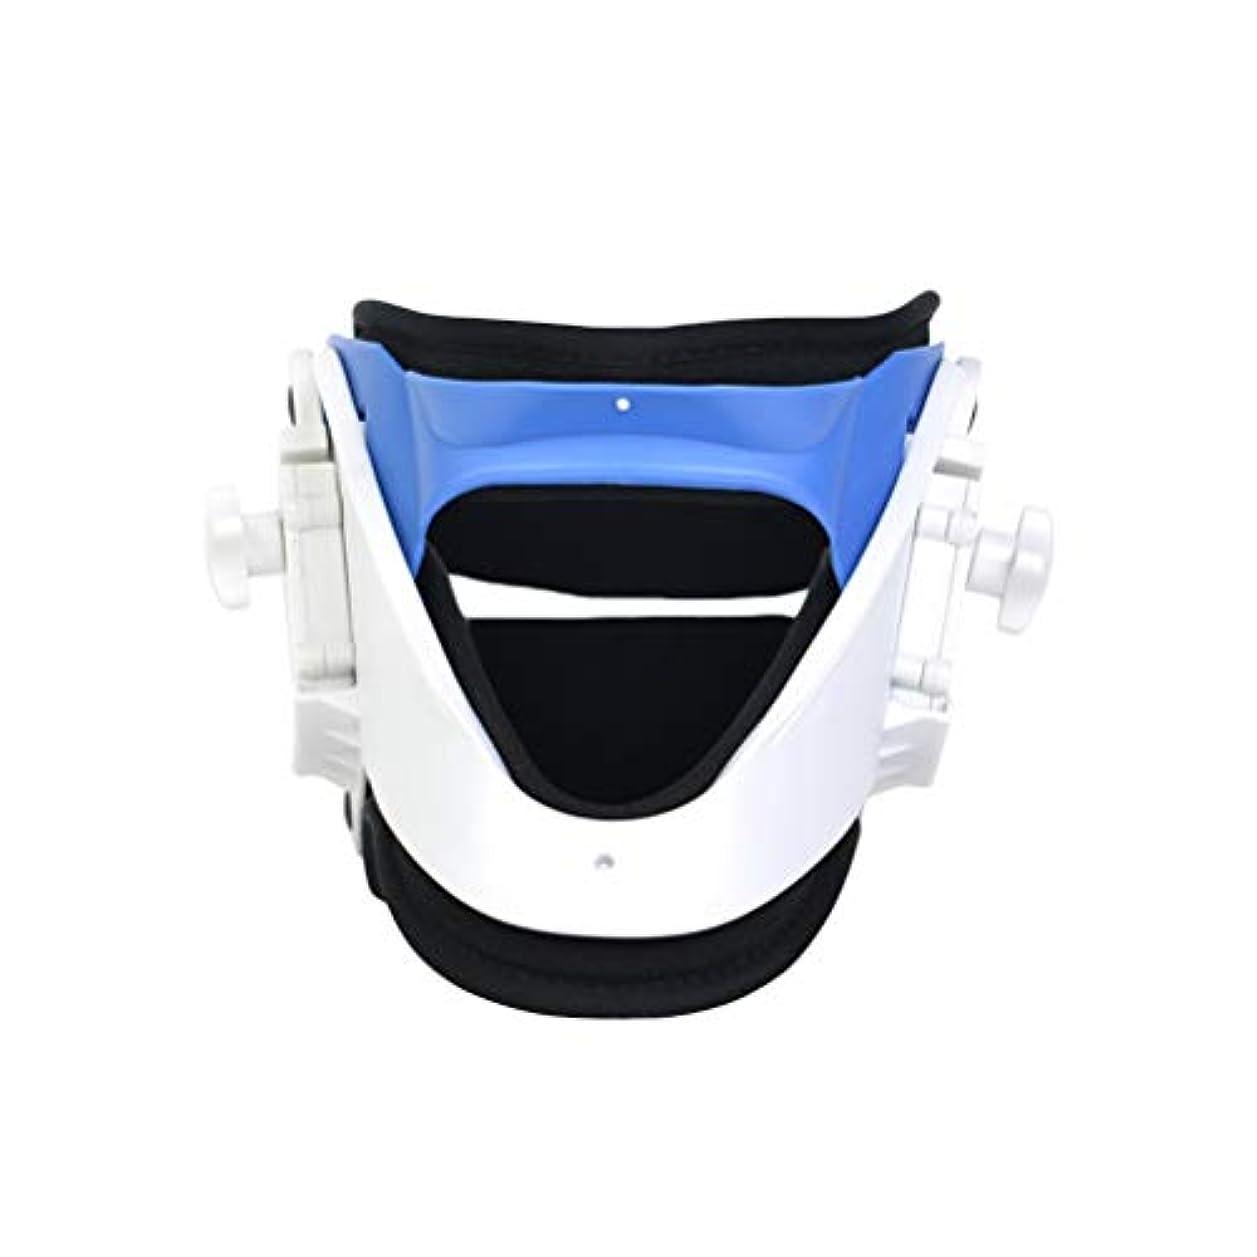 作ります慣性大いにHealifty堅い首の苦痛救助の傷害回復のための通気性の首サポート支柱調節可能な頚部つば